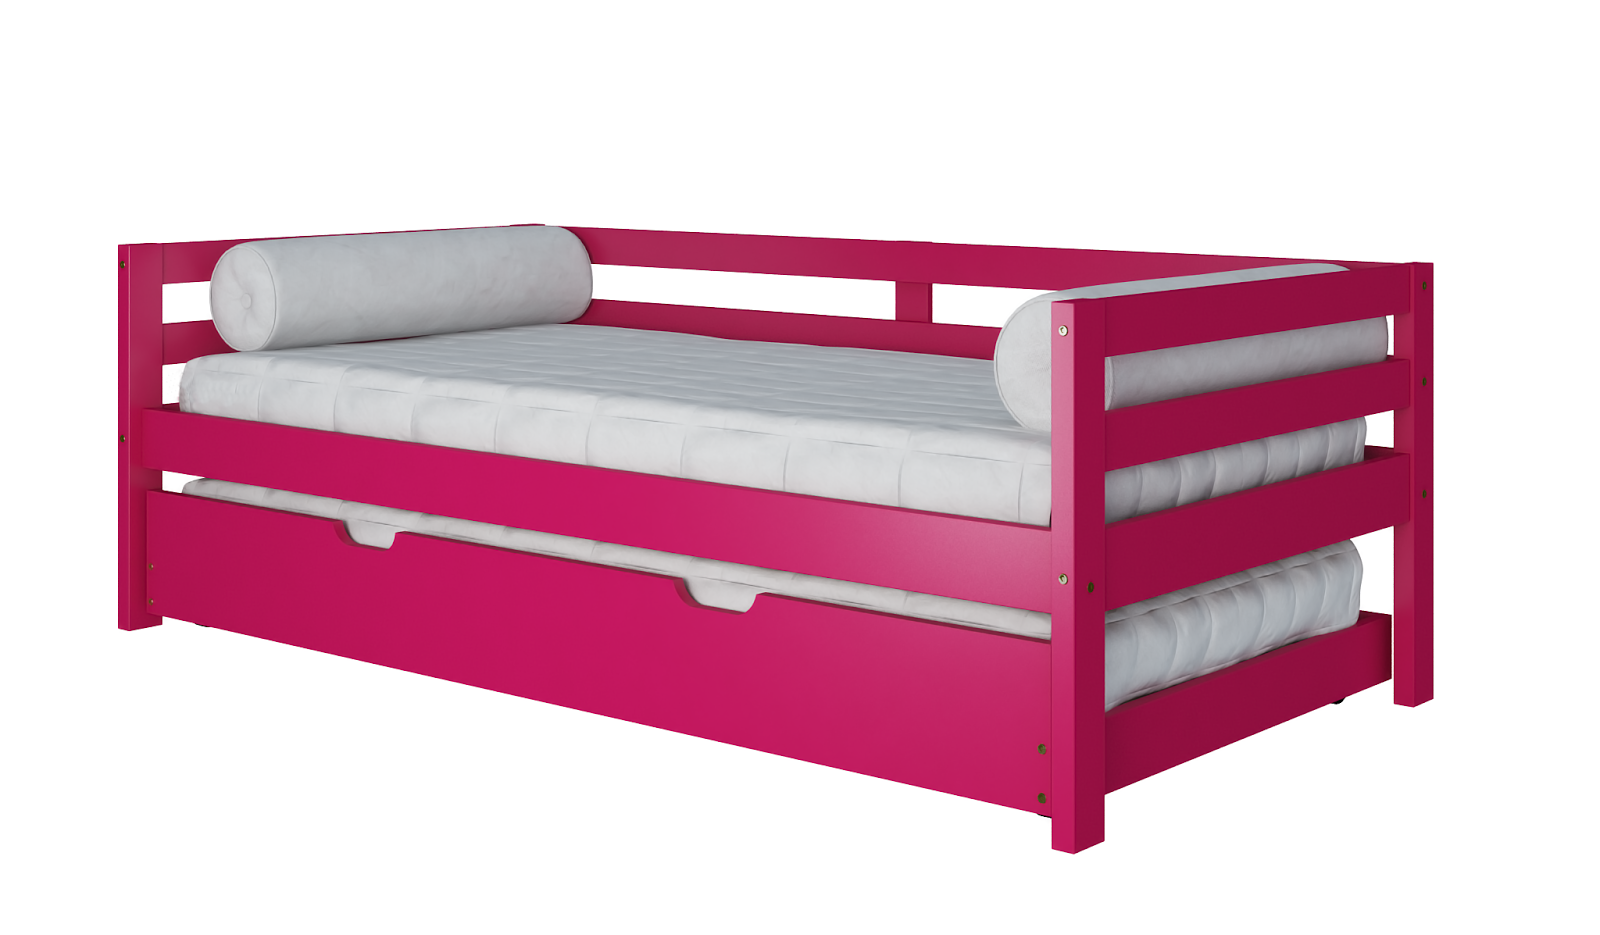 Filomena mena mena a f brica dos seus sonhos sof cama for Divan cama fabrica